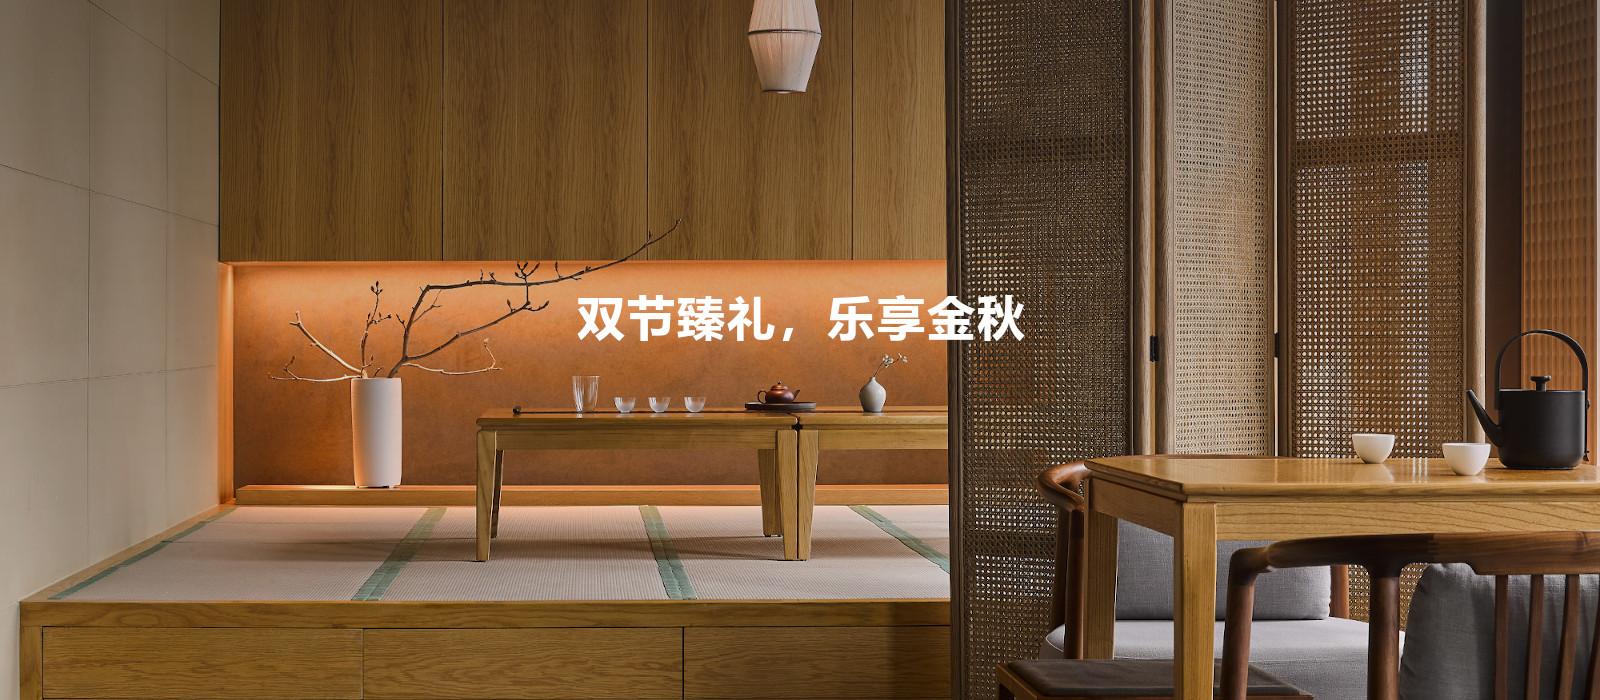 约惠立鼎世 | 双节臻礼,欢享金秋_立鼎世酒店集团_lhw.cn